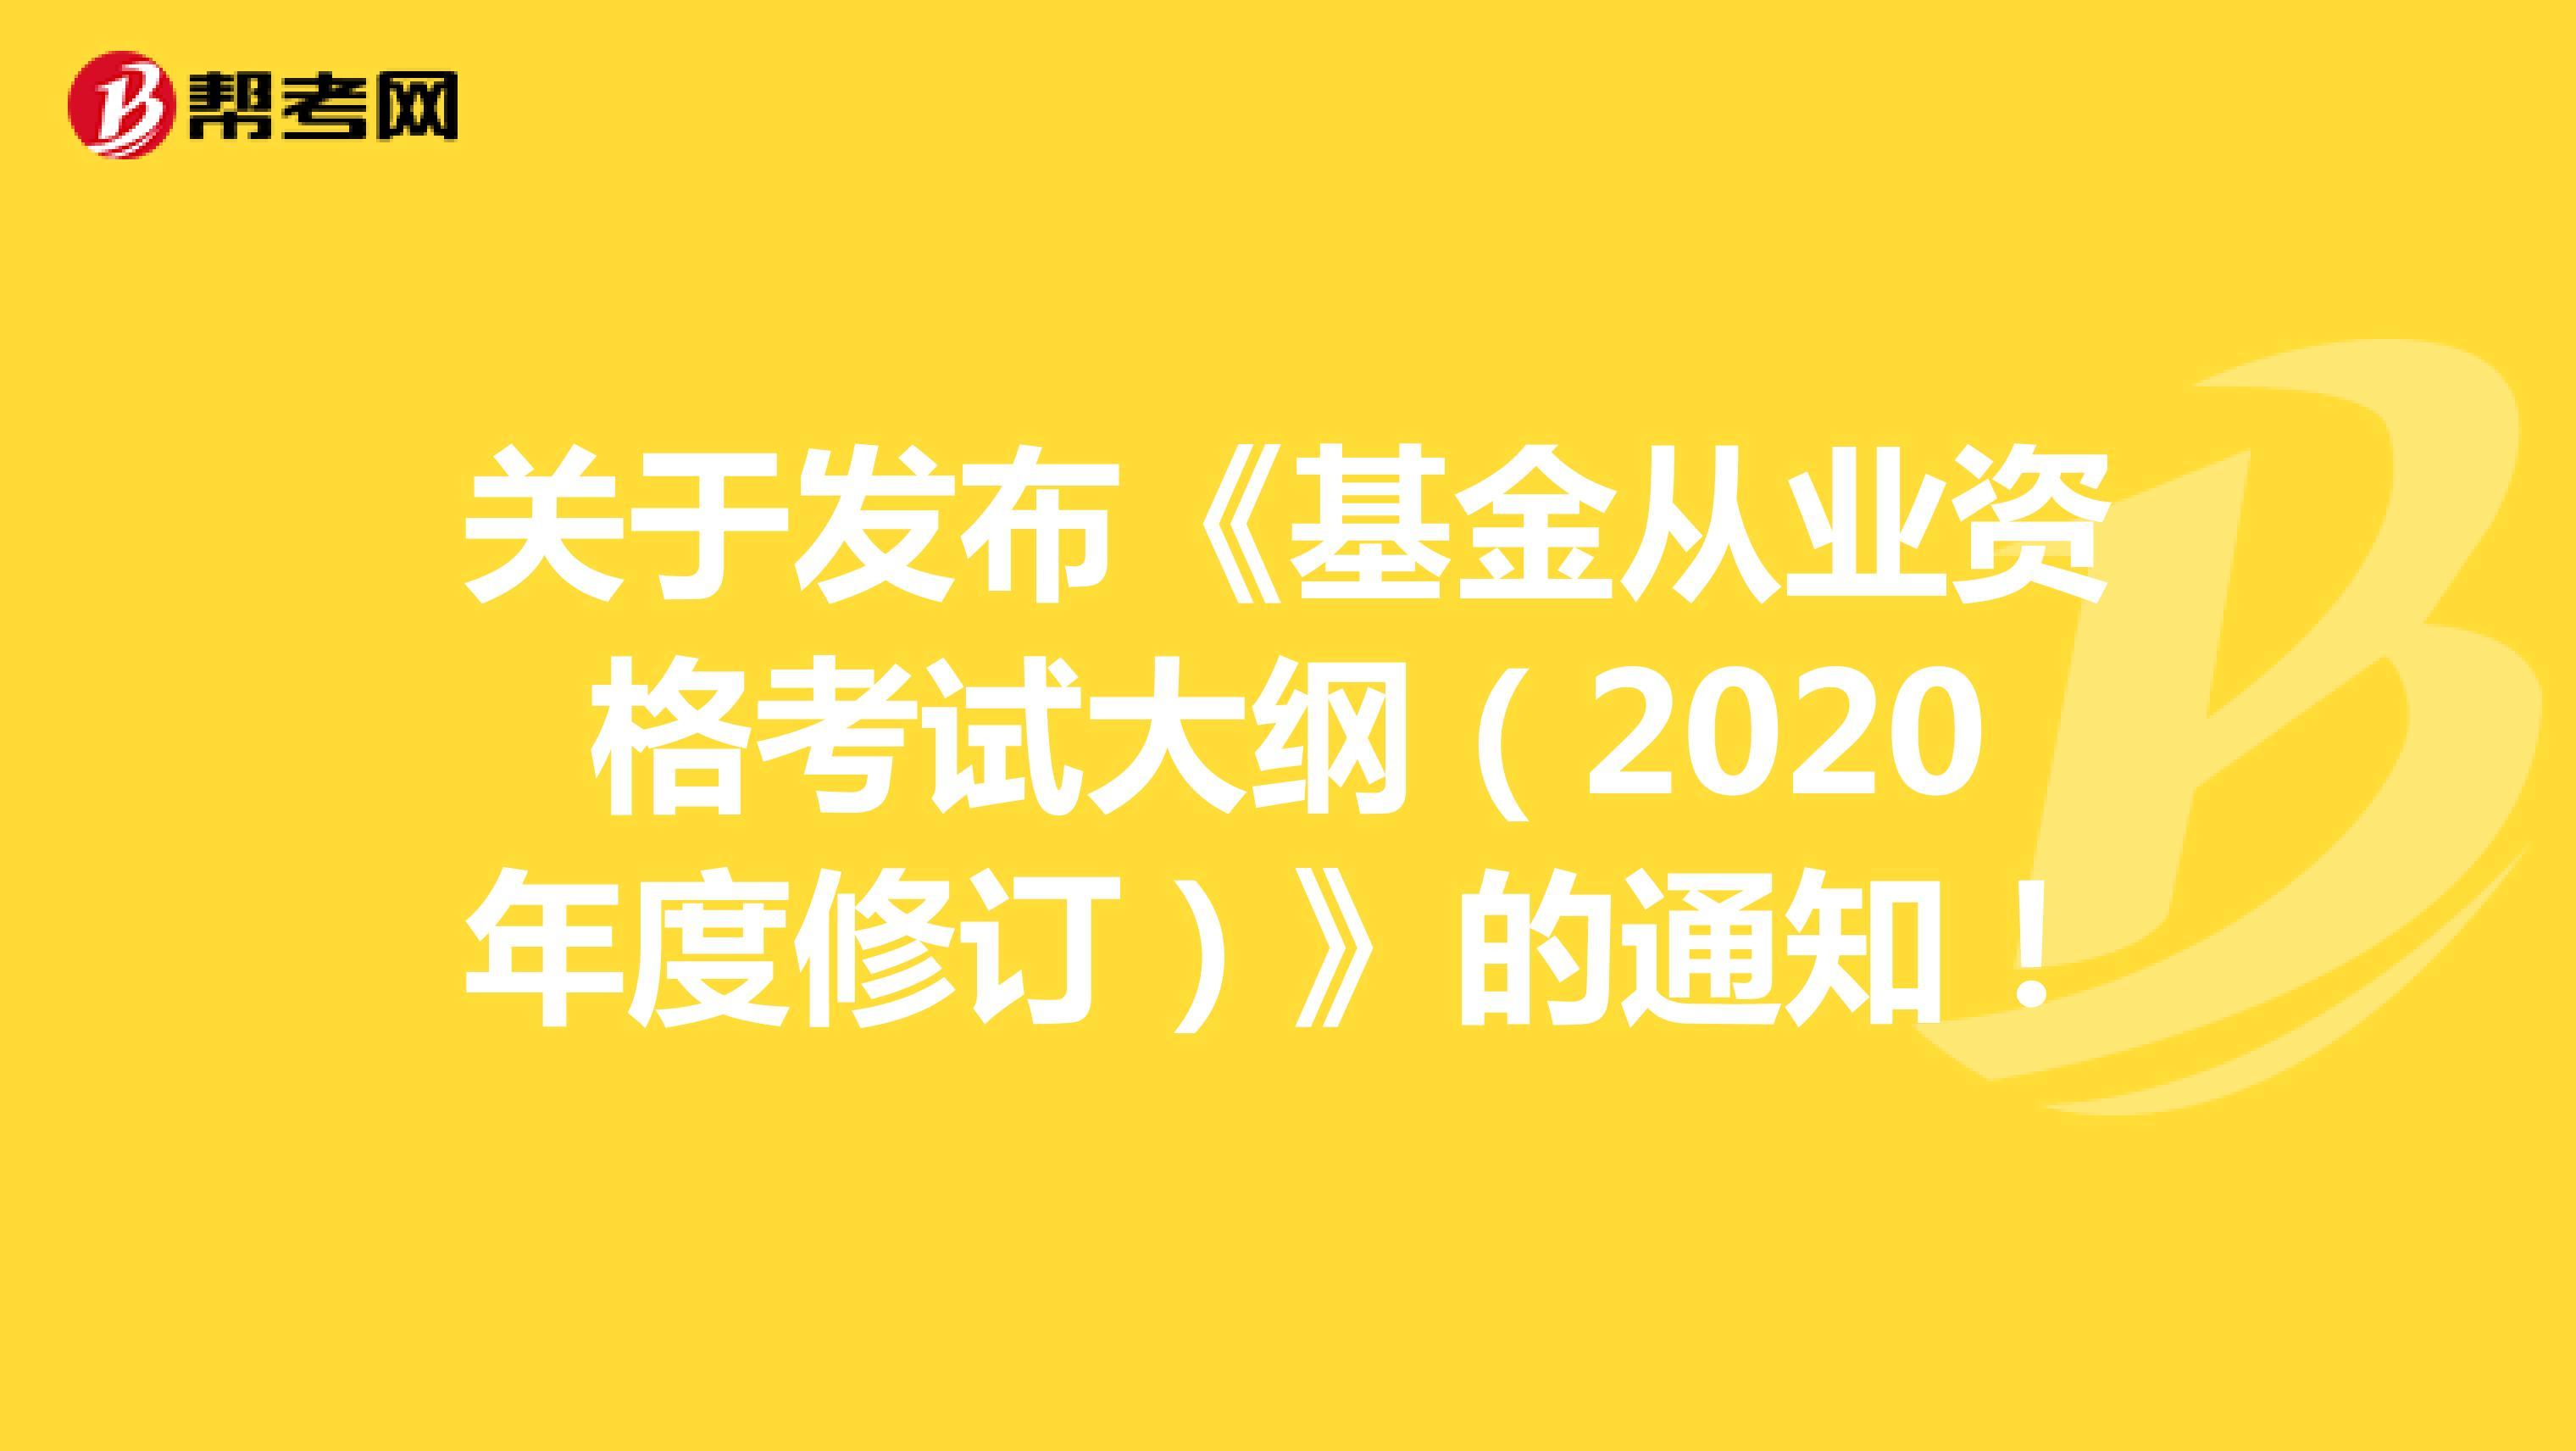 关于发布《基金从业资格考试大纲(2020年度修订)》的通知!